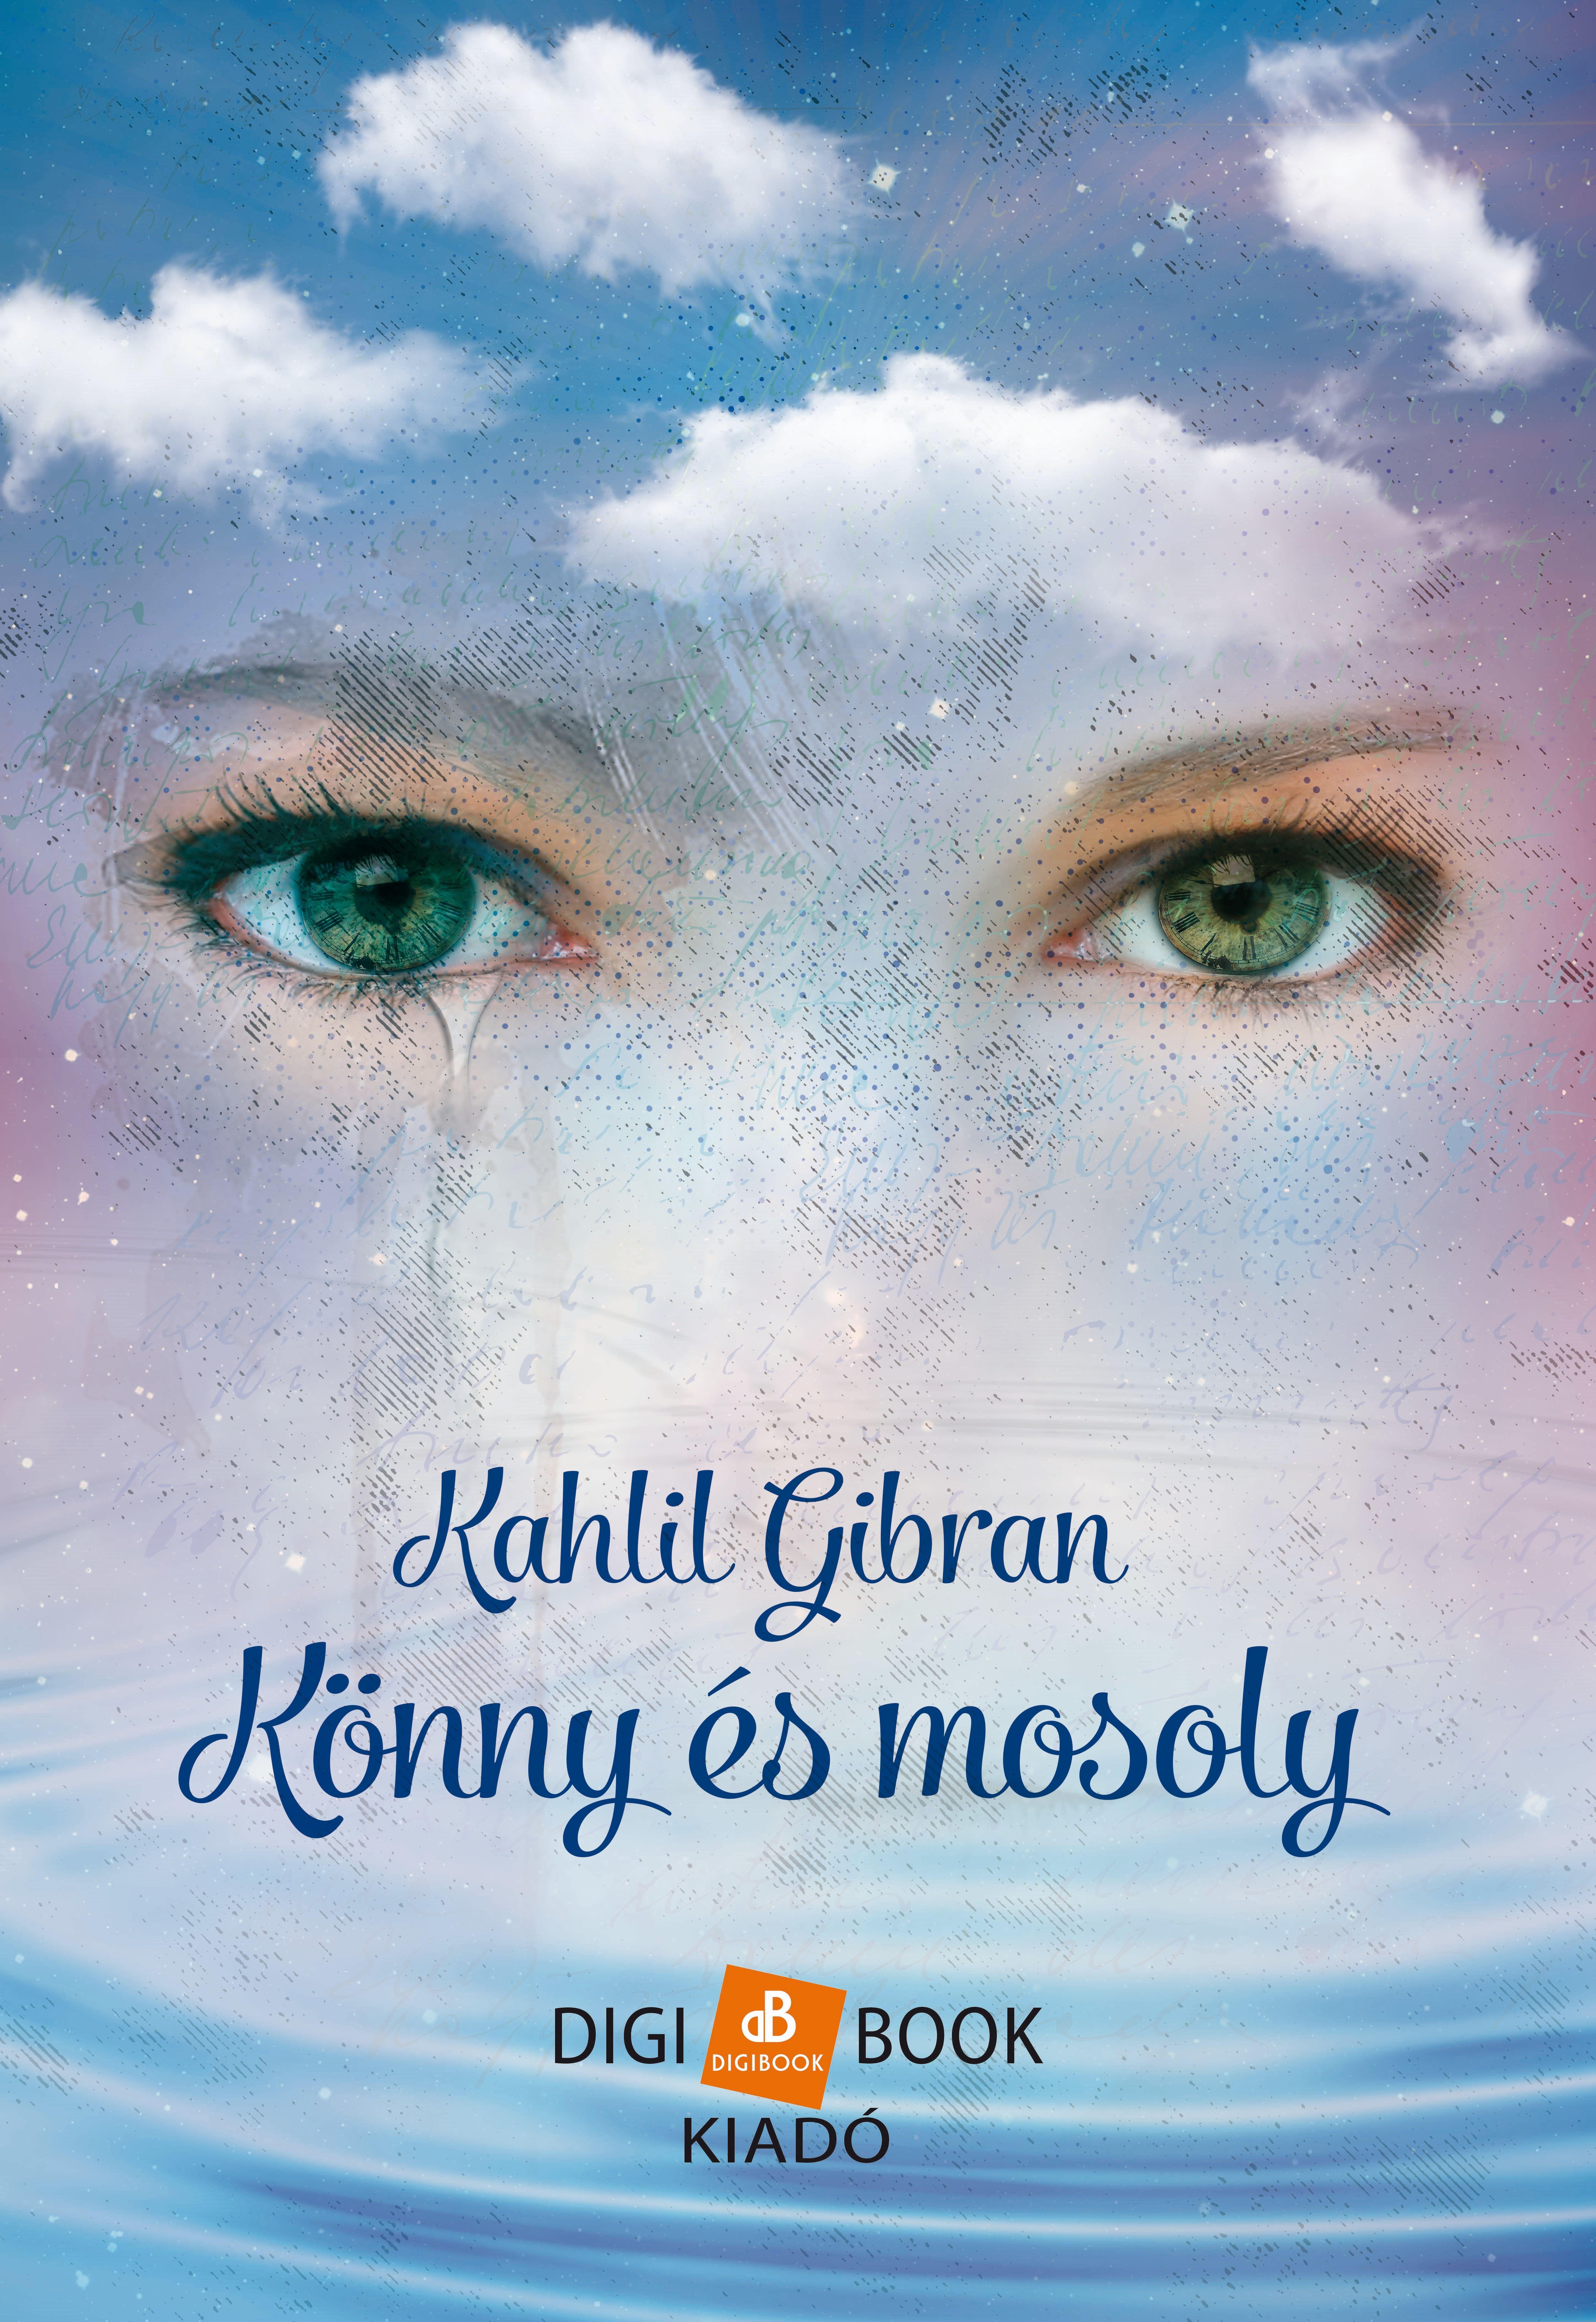 GIBRAN, KHALIL - KÖNNY ÉS MOSOLY